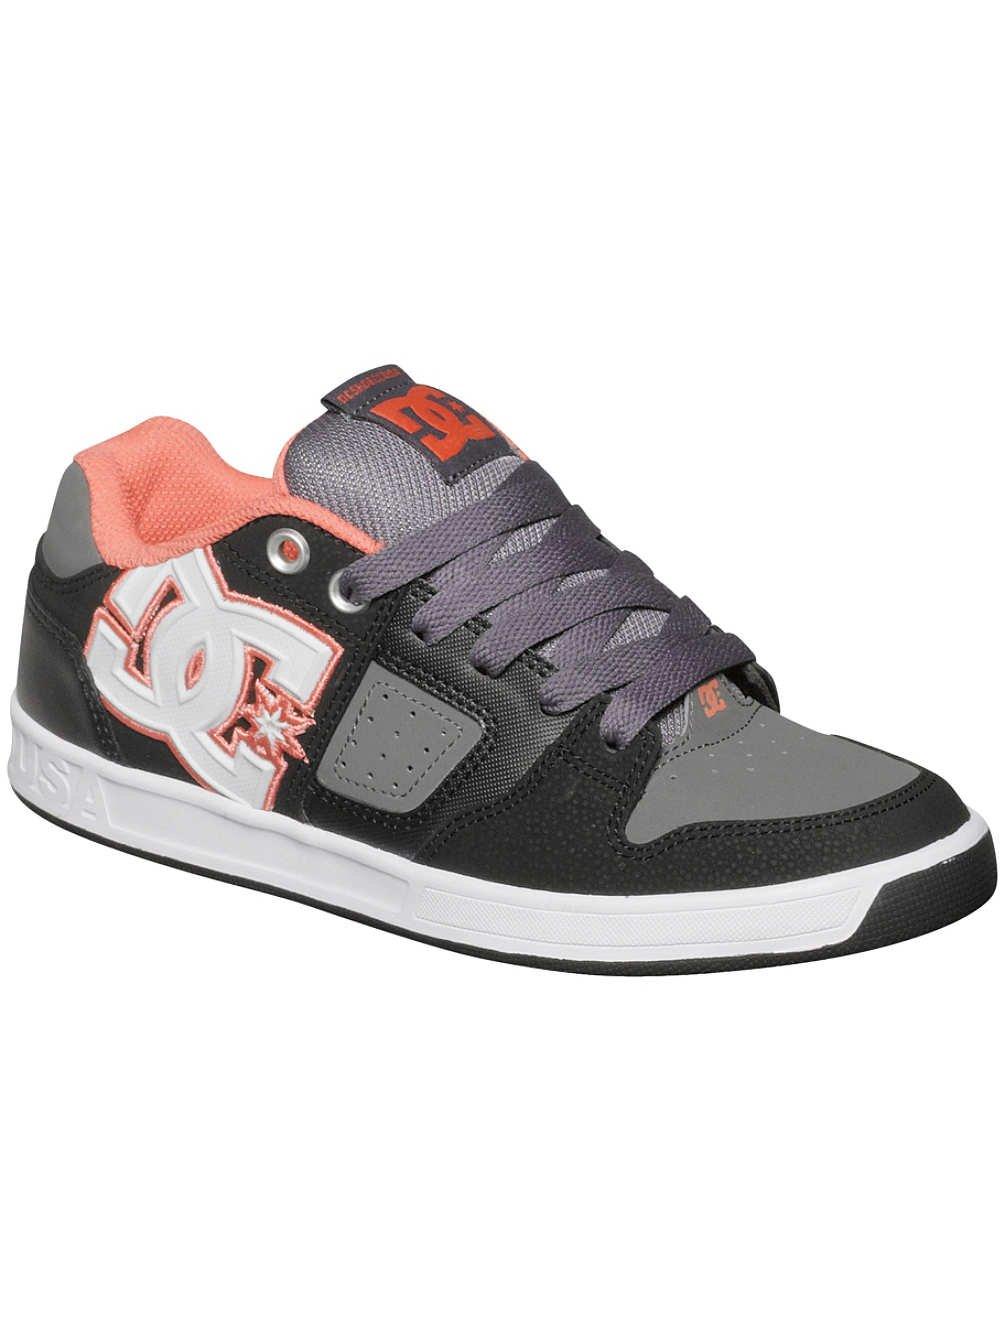 DC Men's Sceptor Sneaker 10.5 D(M) US|Coral